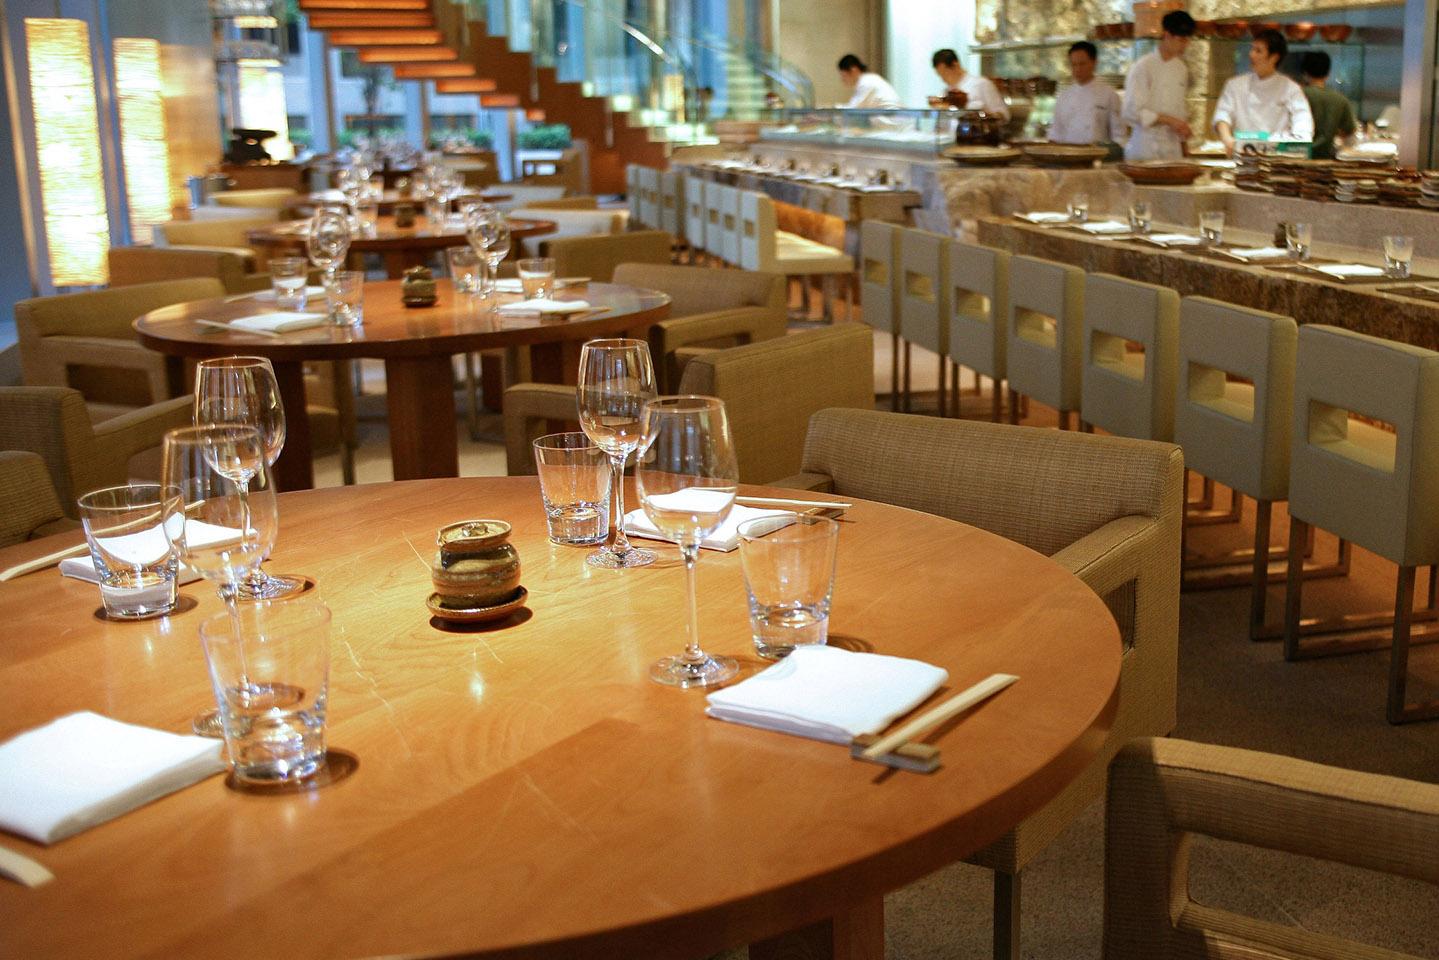 Restaurante japonês Zuma, no The Landmark em Hong Kong | foto: divulgação